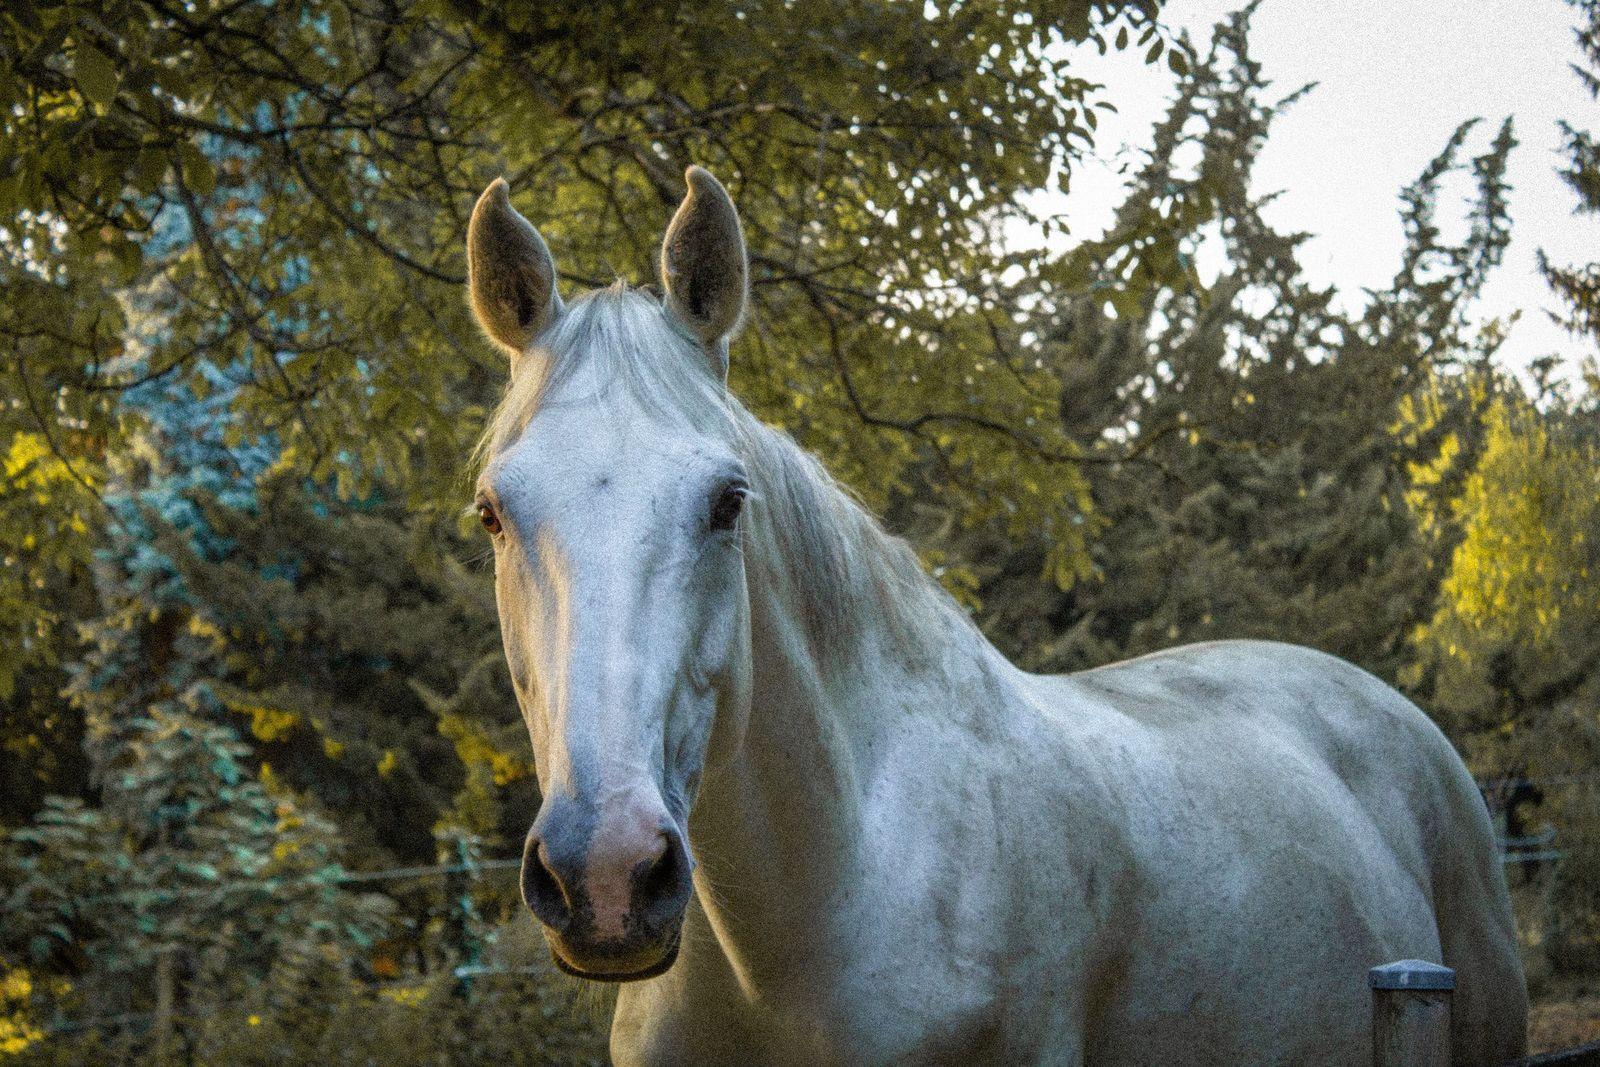 Cancer in horses - Vetster